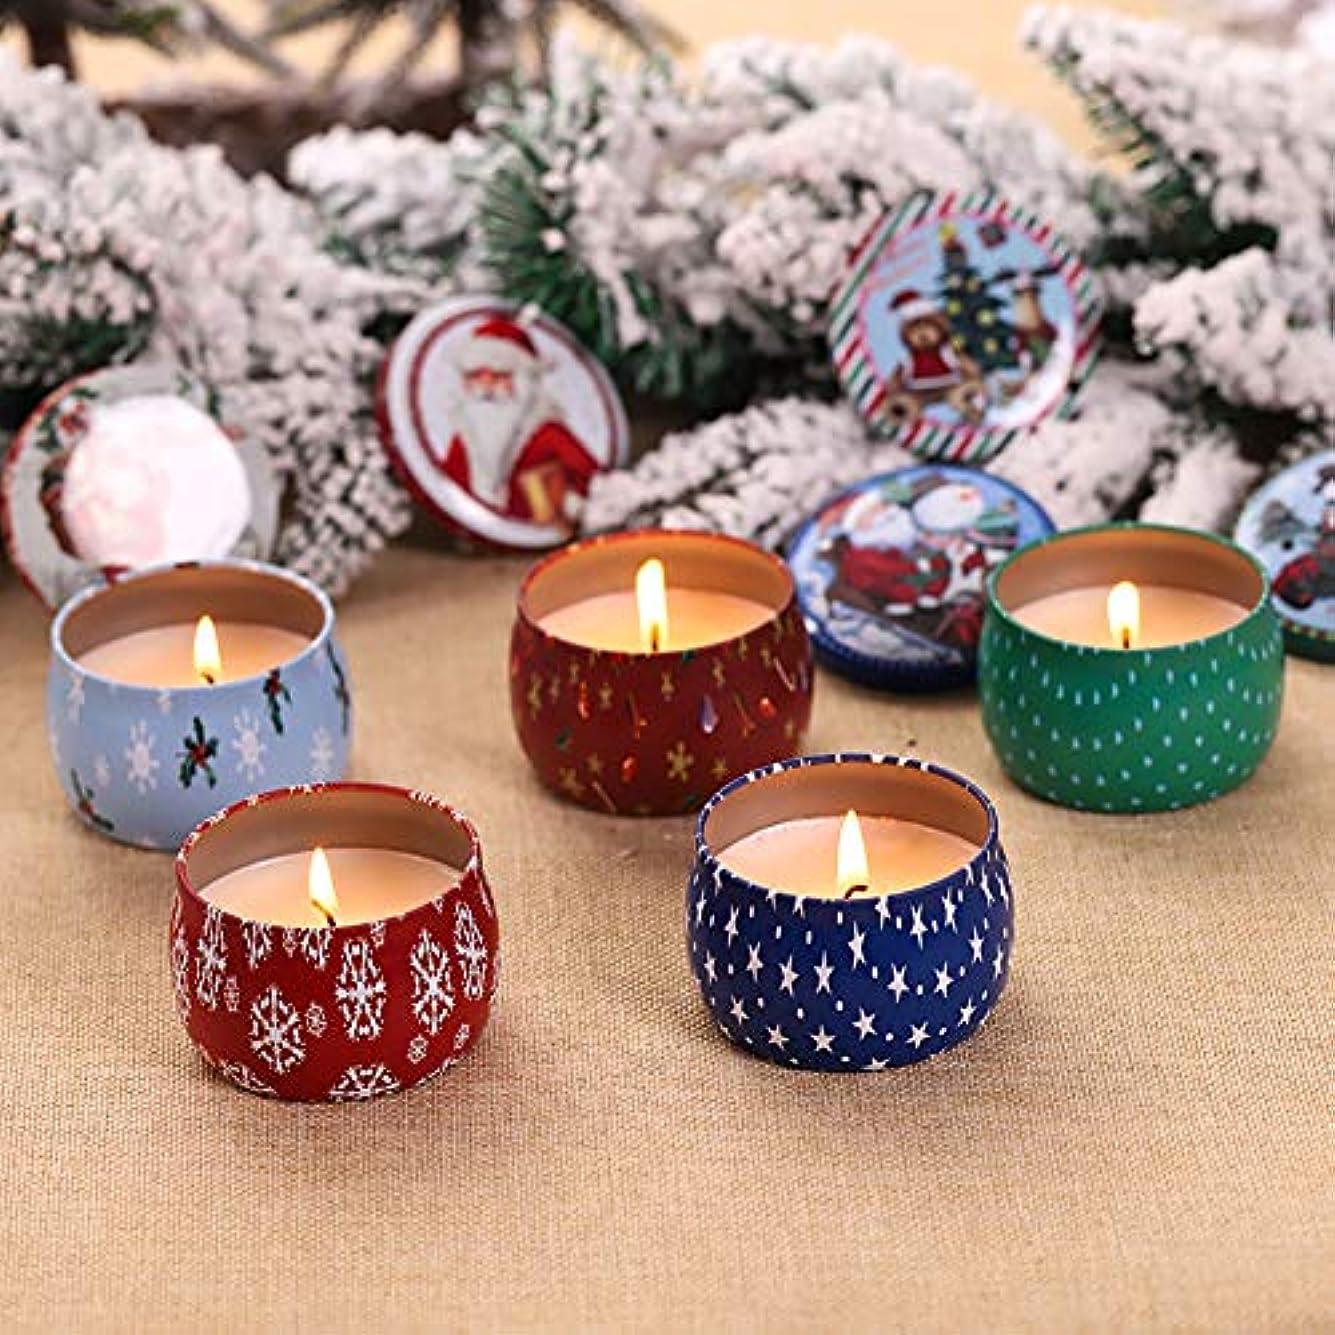 祈りナラーバー休暇Blight ろうそく クリスマス無煙キャンドル お祭りの雰囲気 デコレーション装置 クリスマスの飾り おしゃれ 結婚式 インテリア 誕生日 ロマンチック 部屋飾り